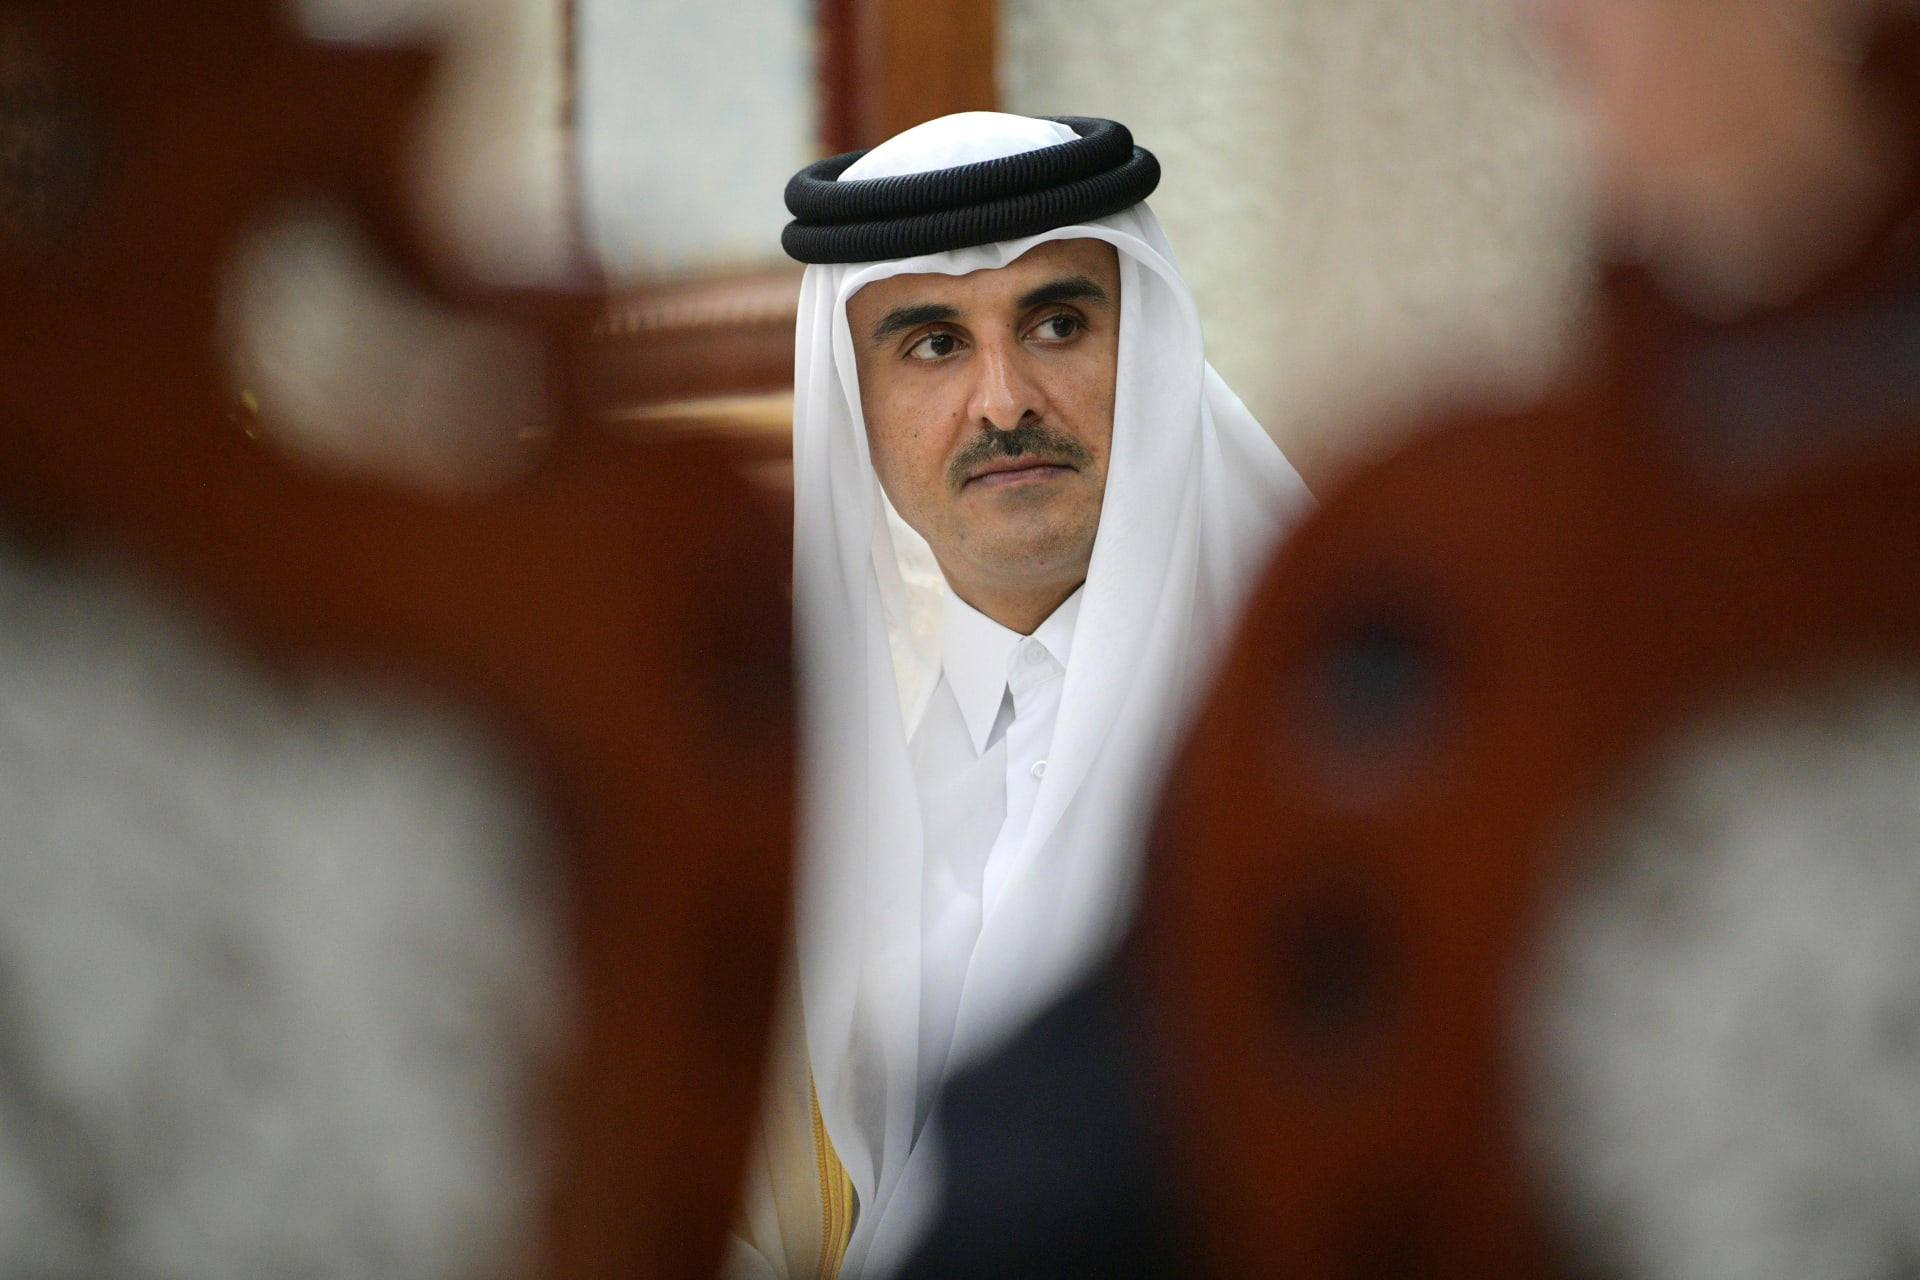 أمير قطر يبعث ببرقية تعزية لرئيس الإمارات بوفاة سلطان بن زايد آل نهيان